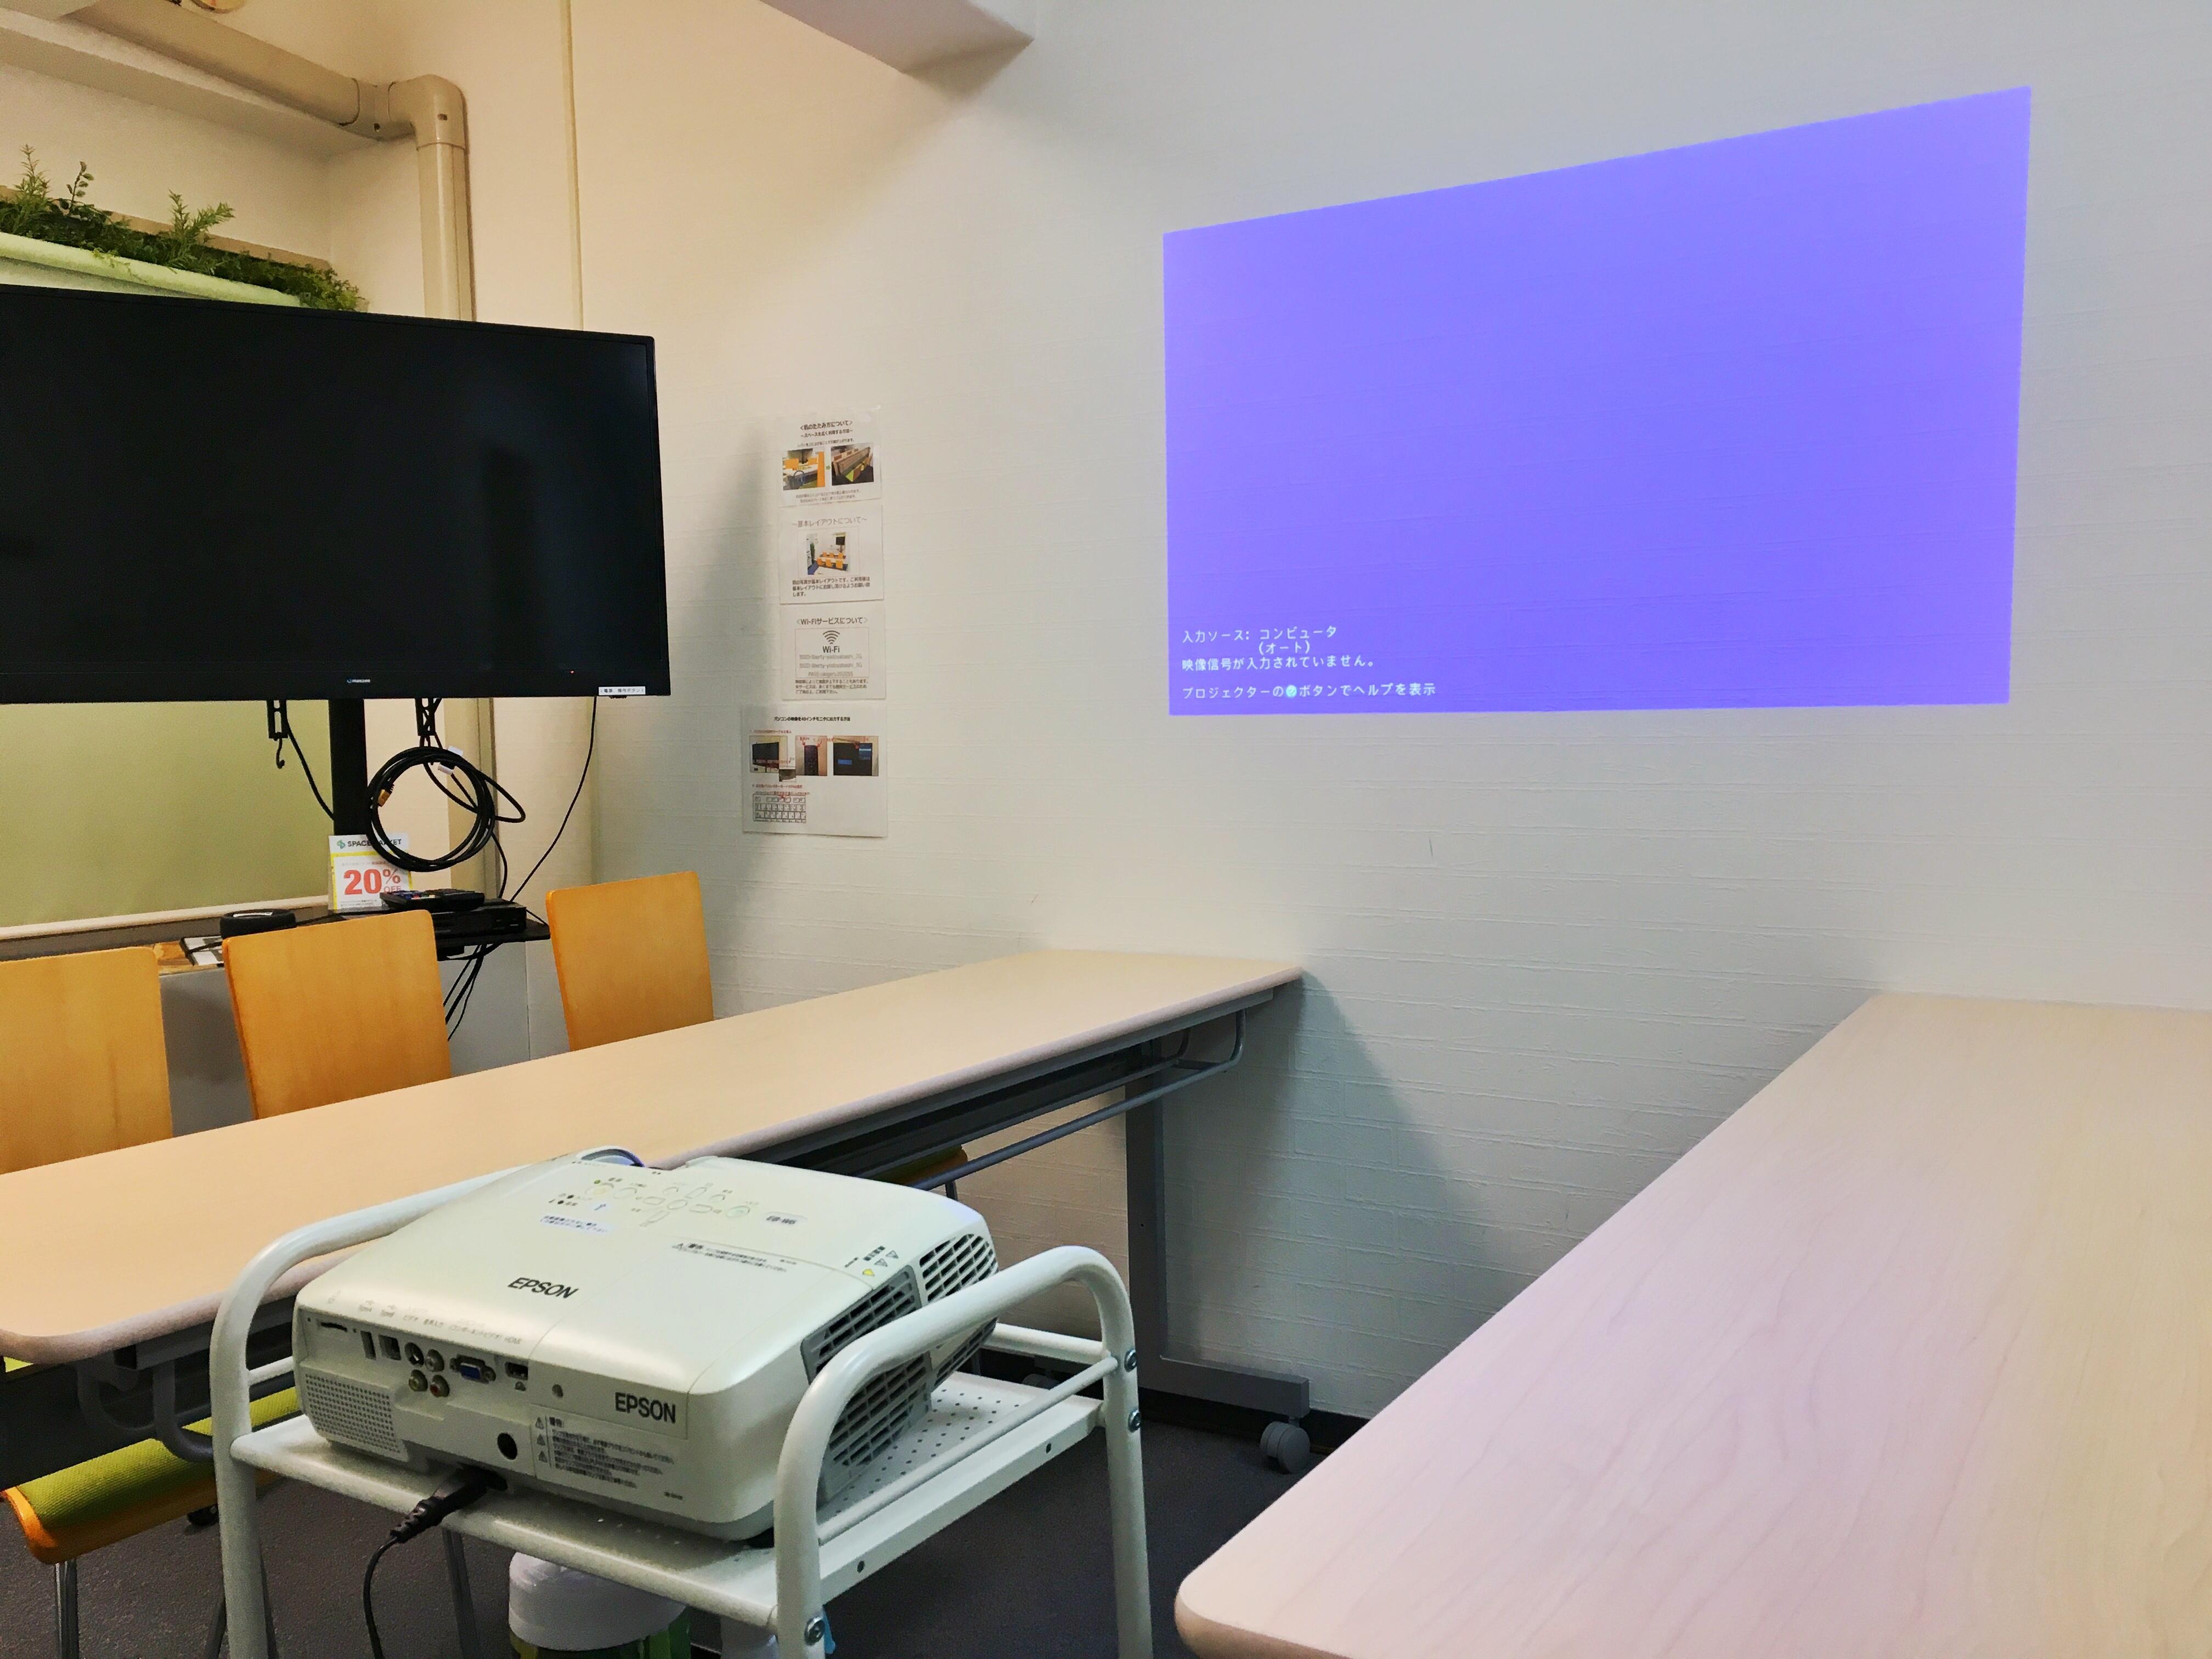 プロジェクター射影場所はこちらの壁を推奨。備え付けワゴンを利用下さい - お気軽会議室 リバティ淀屋橋 梅田から1駅/カタン導入♬の室内の写真